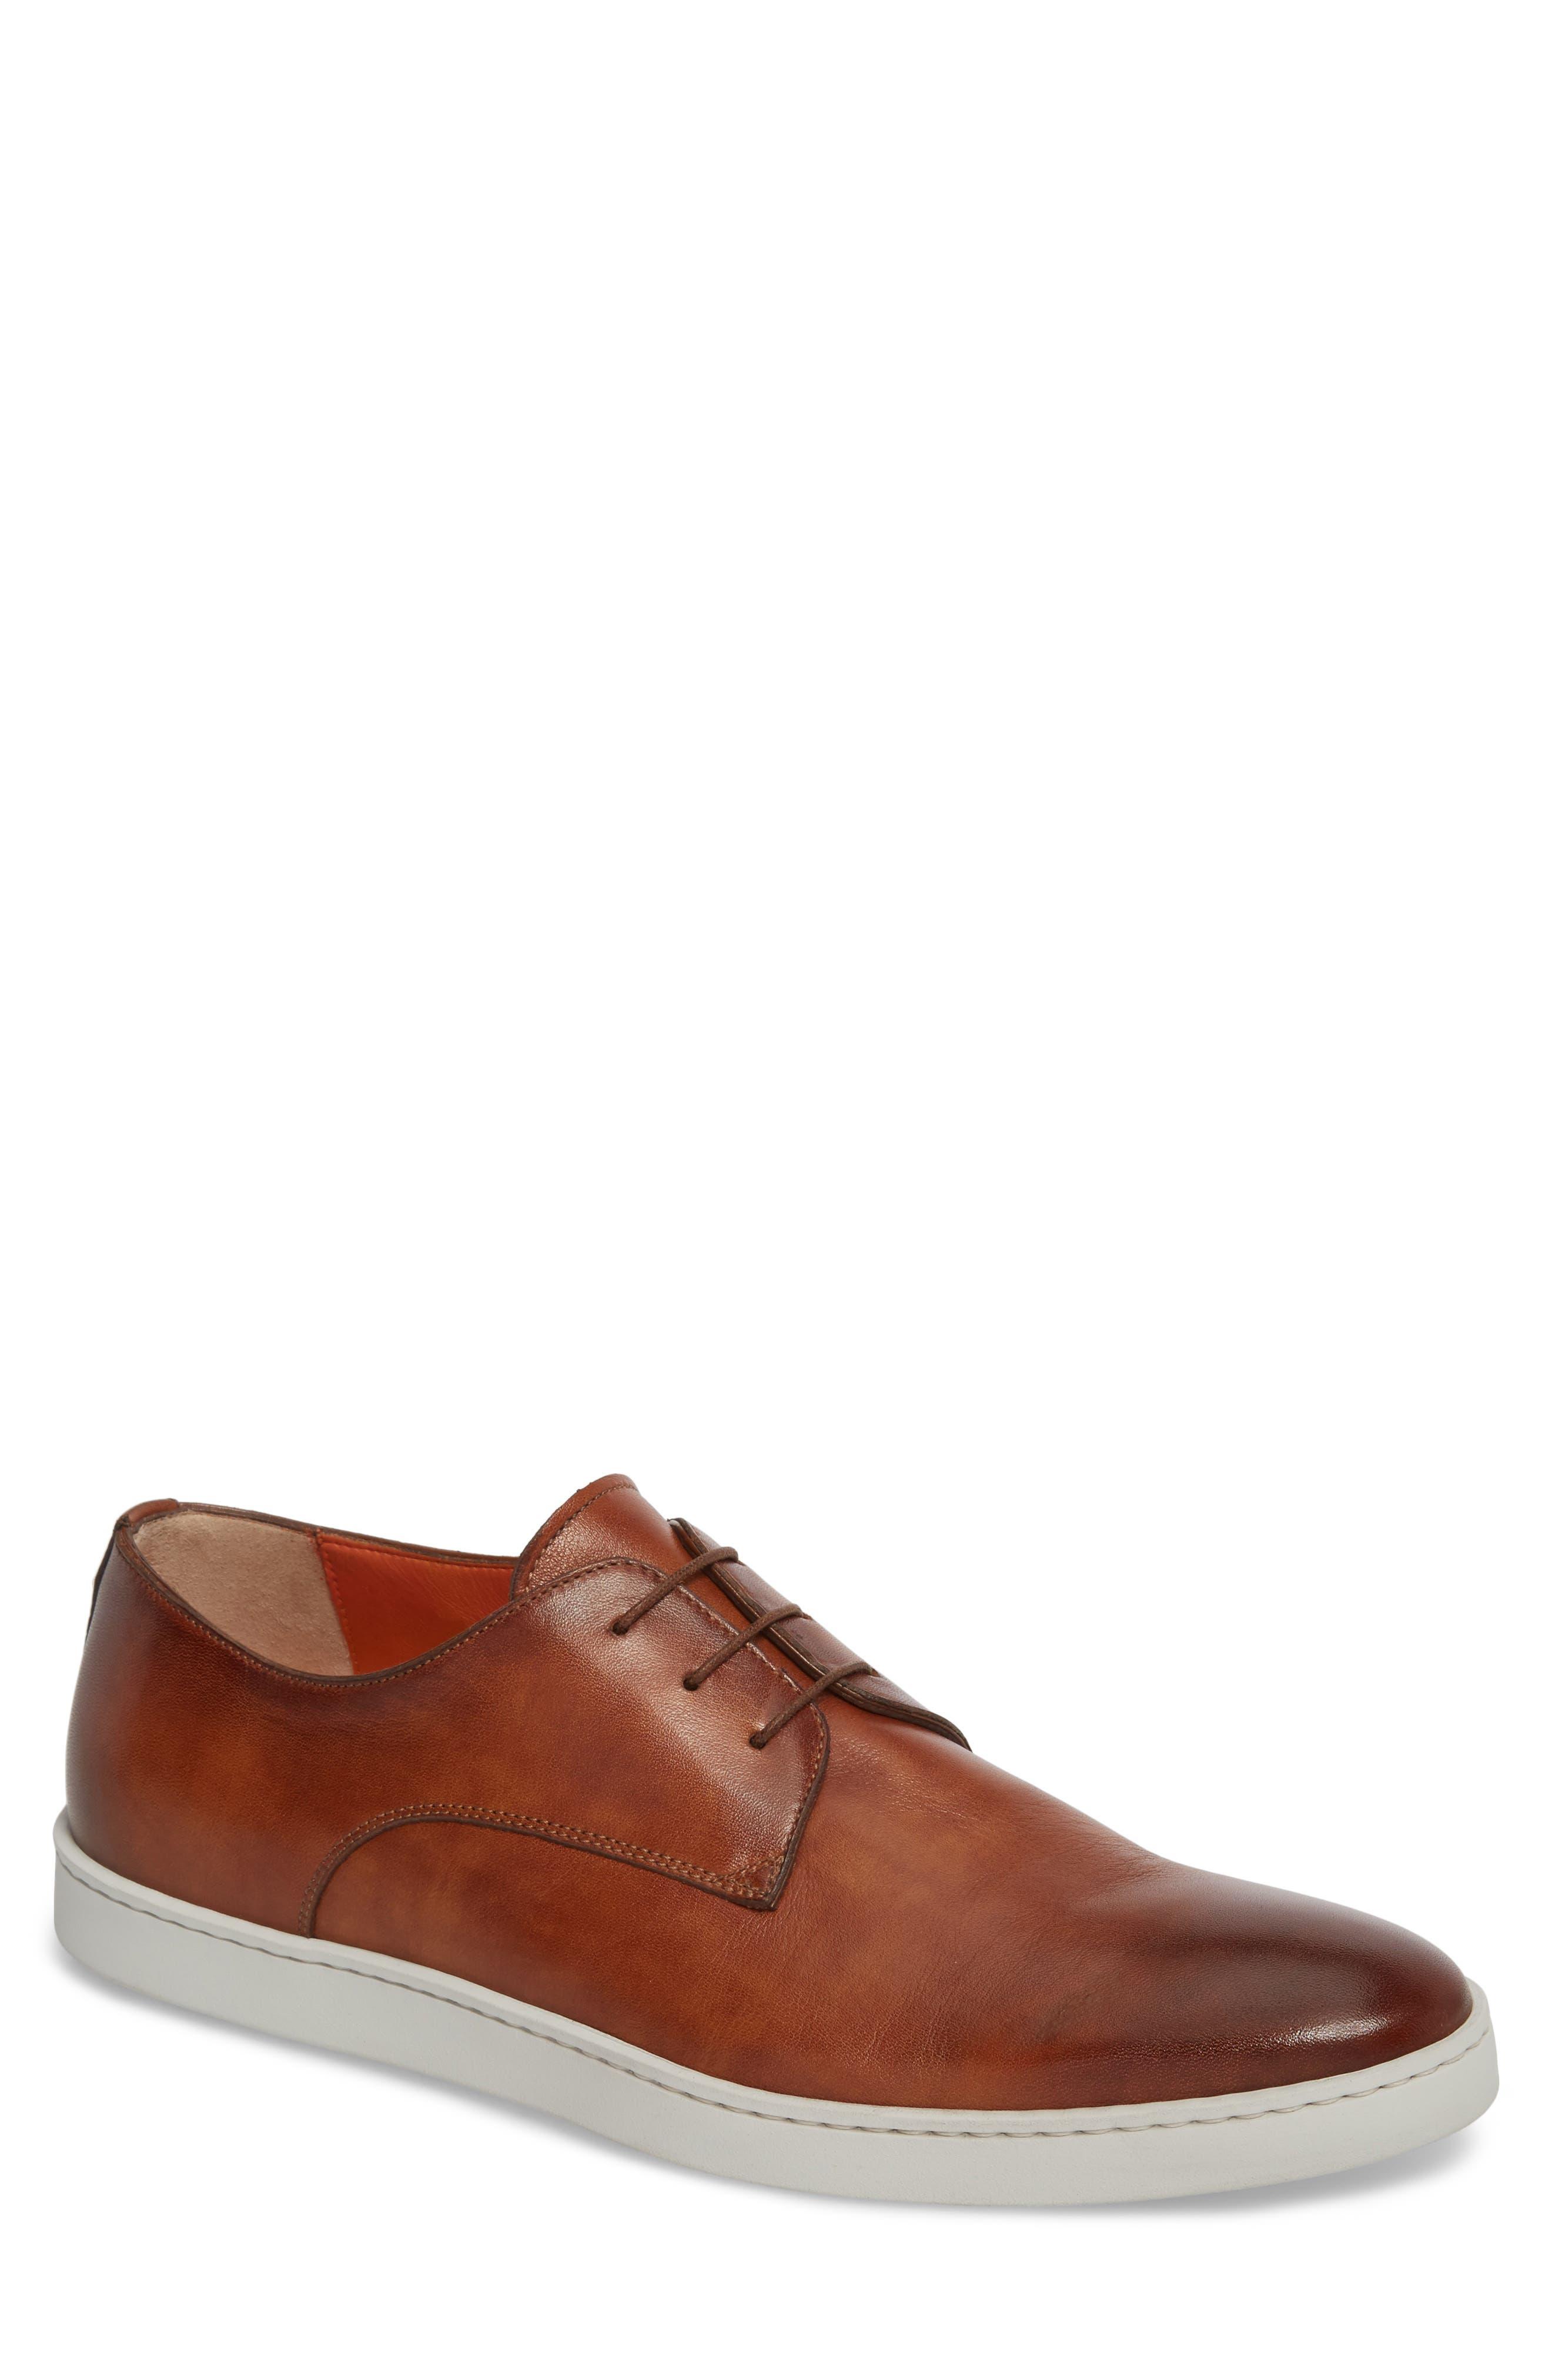 SANTONI, Doyle Plain Toe Derby Sneaker, Main thumbnail 1, color, TAN